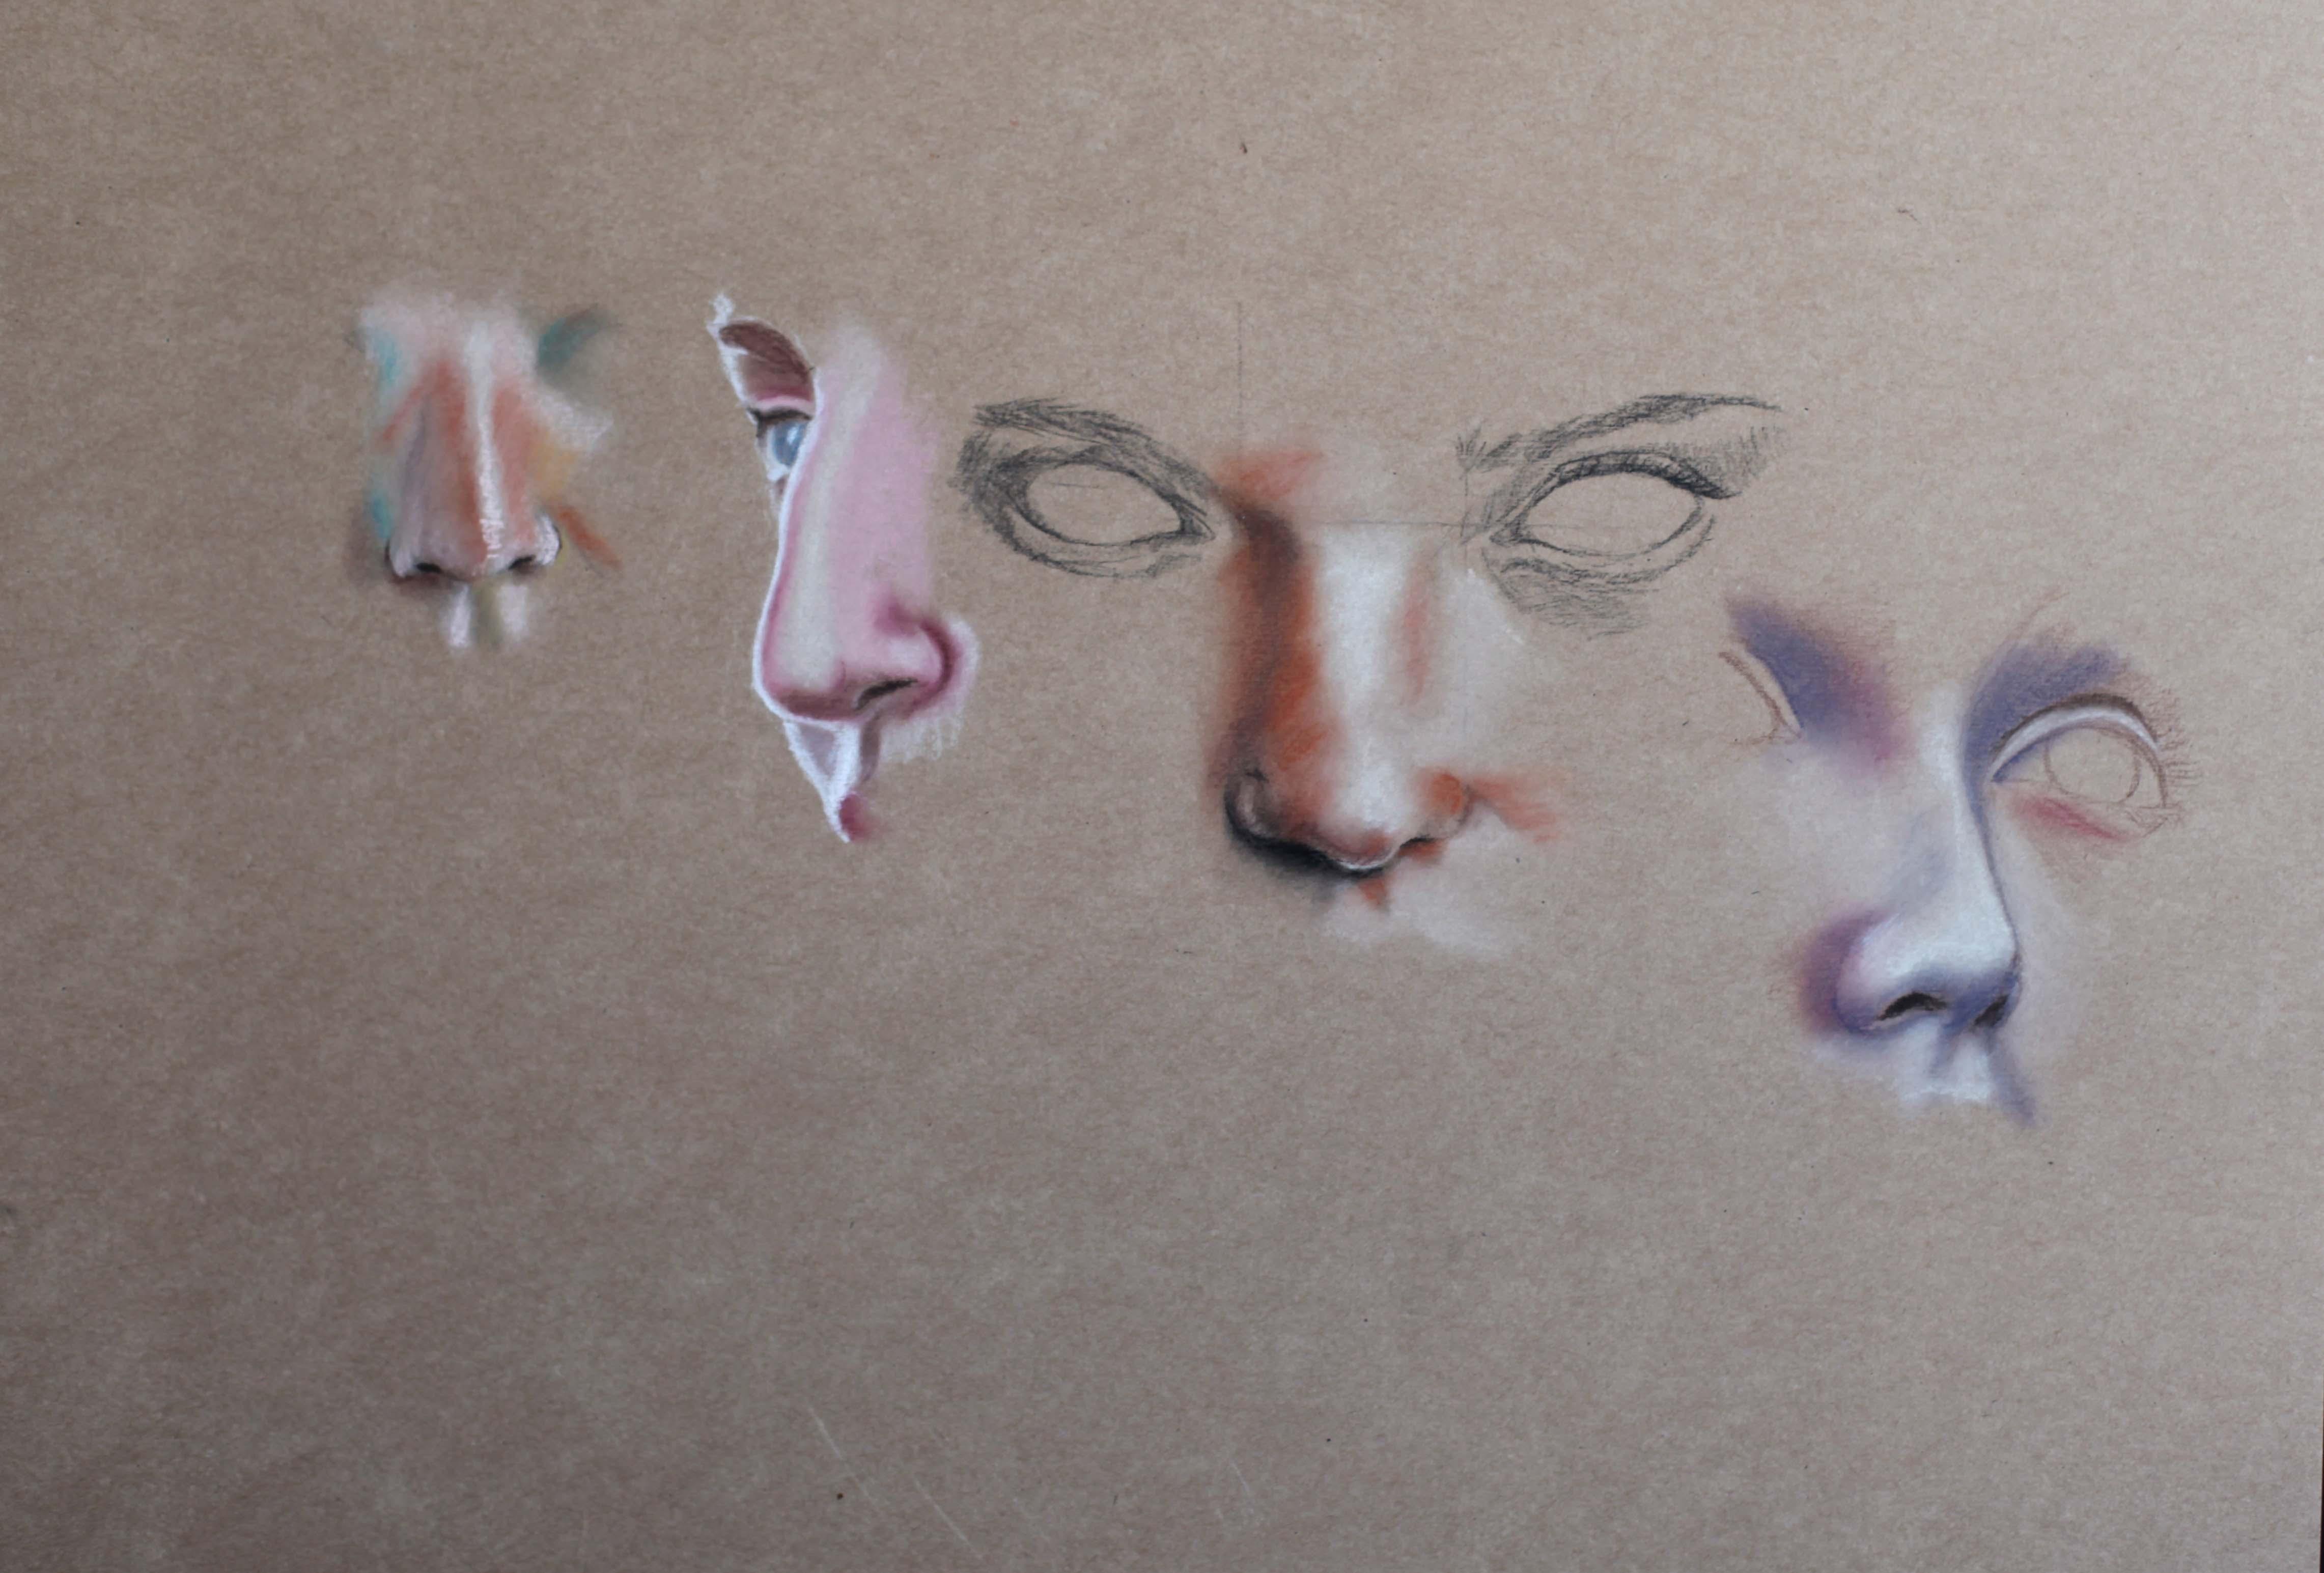 Dessin de nez par Priscilla Seiller